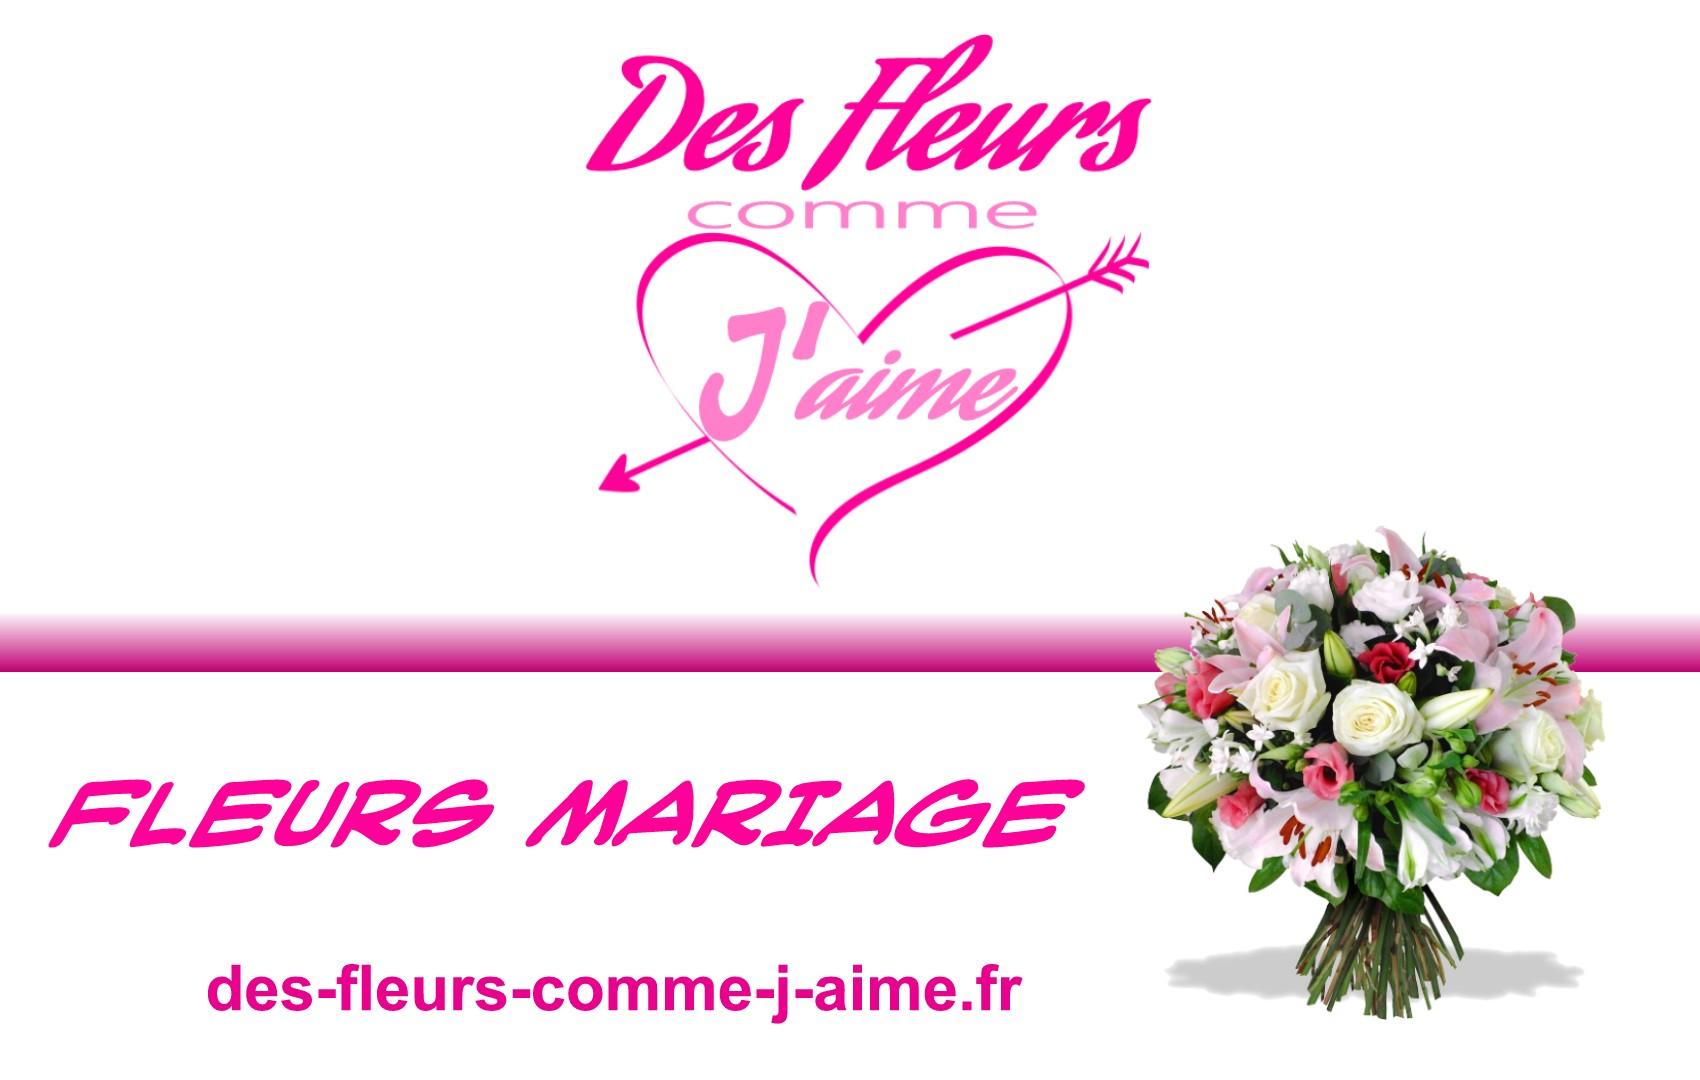 Livraison de fleurs mariage DES FLEURS COMME J'AIME